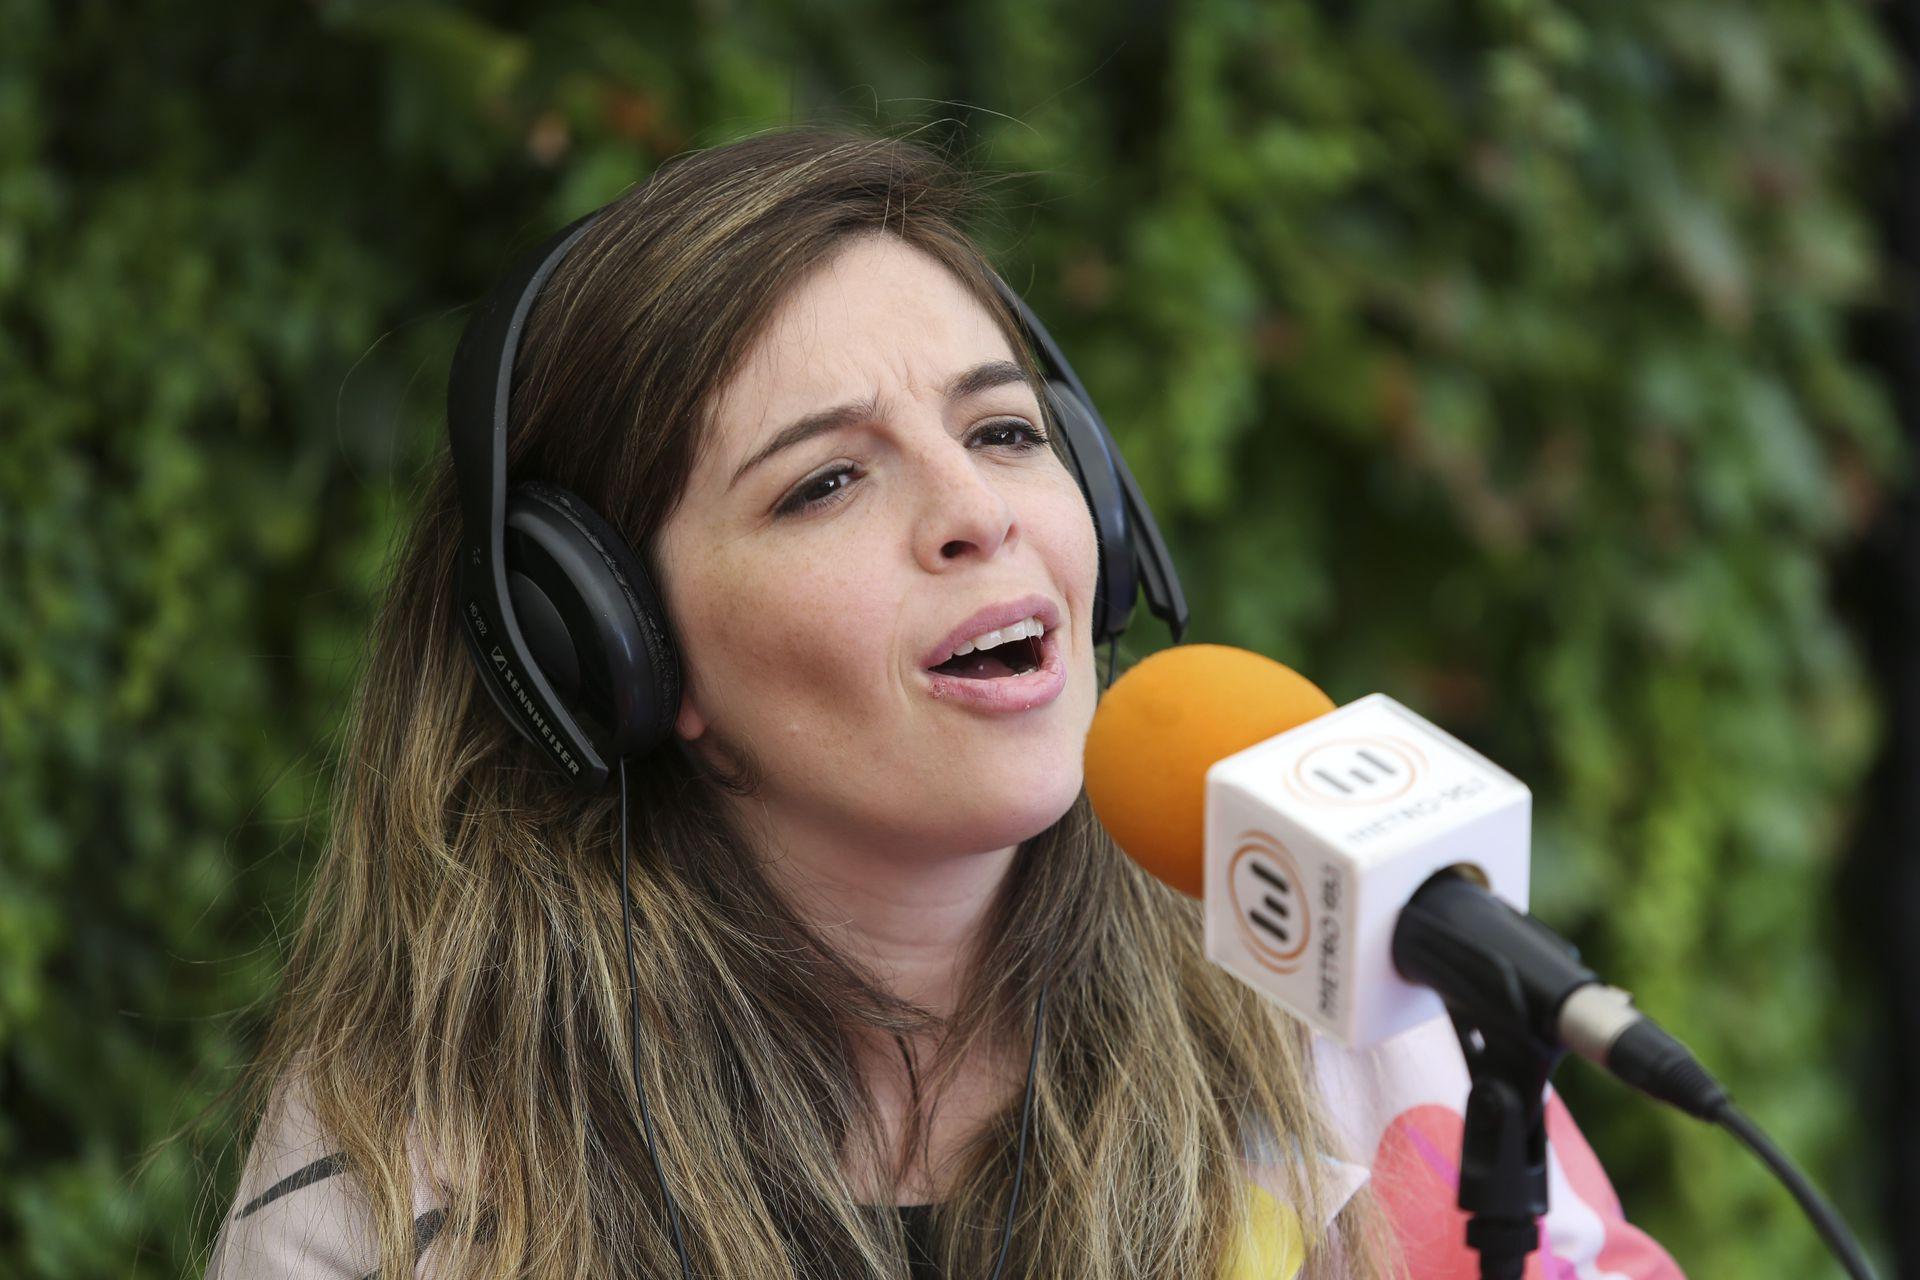 En el programa Un día perfecto de Radio Metro, Dalma Maradona encuentra una conexión directa con la gente